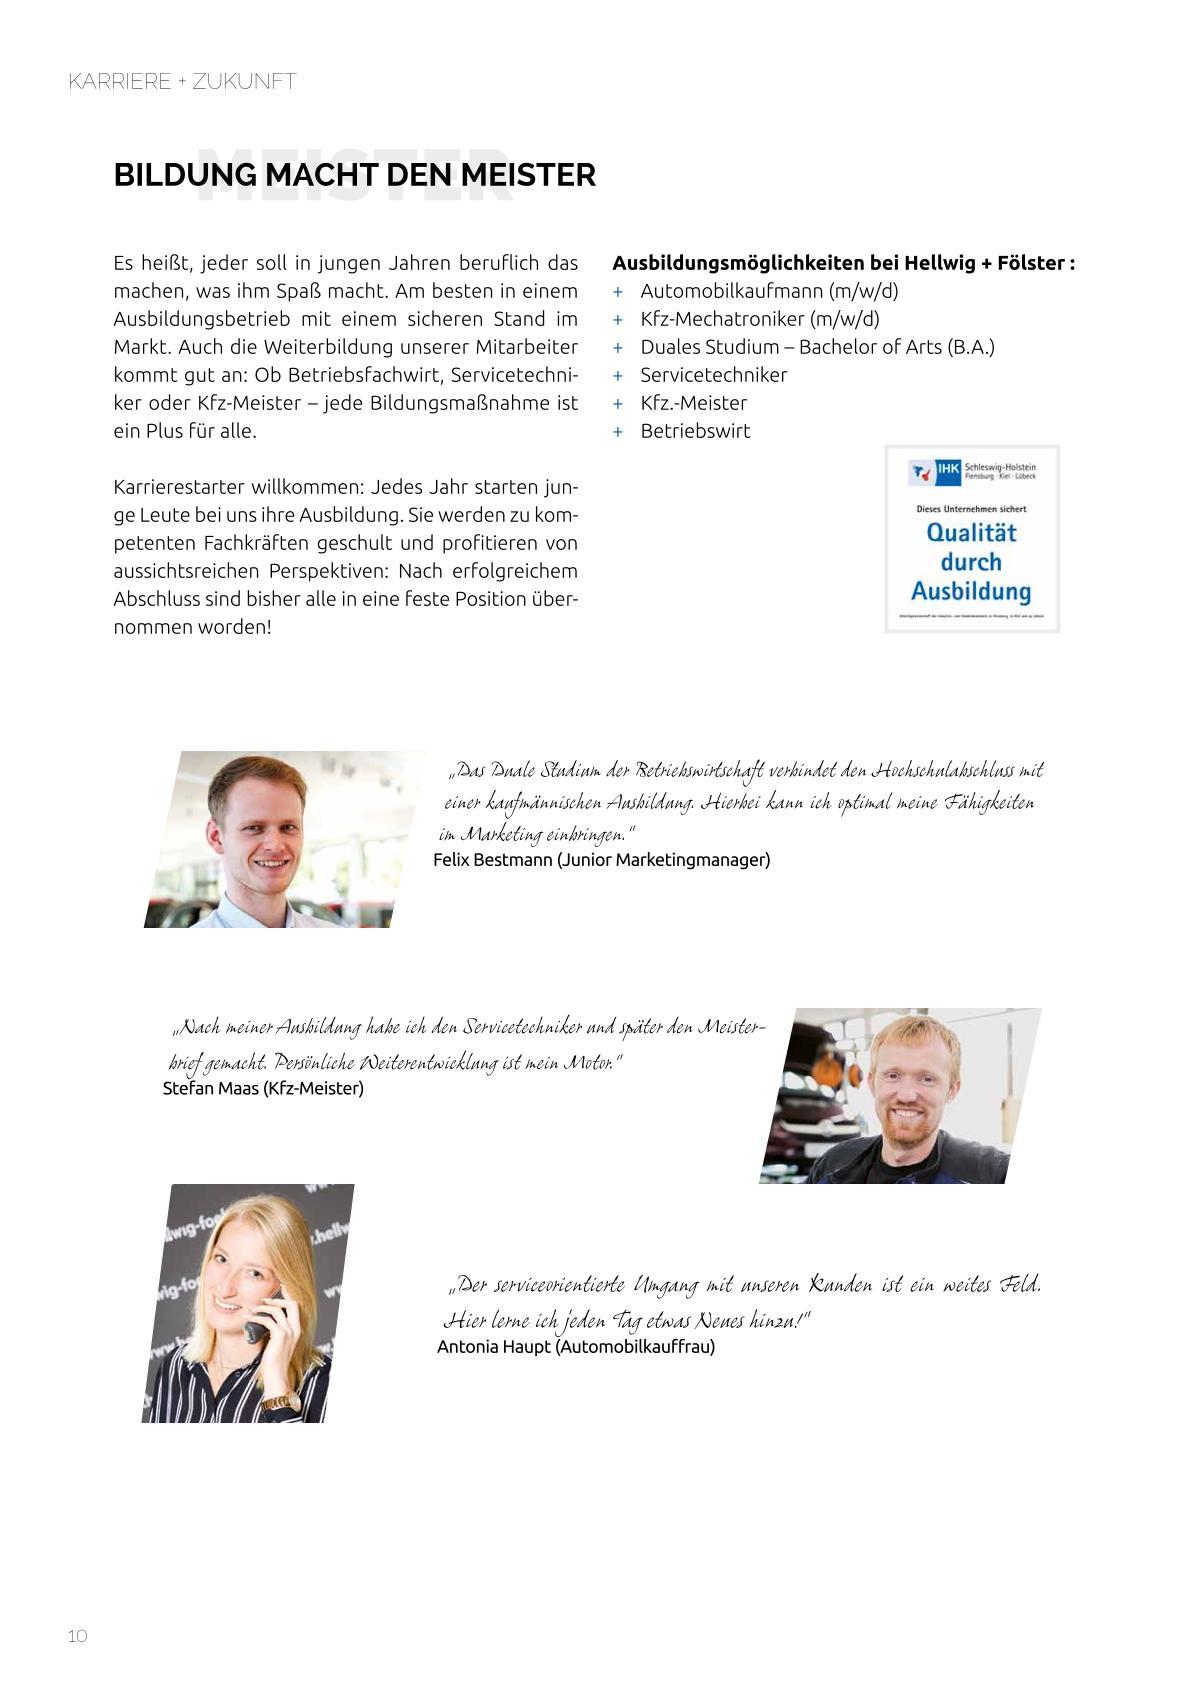 Firmenbroschüre Hellwig+Fölster